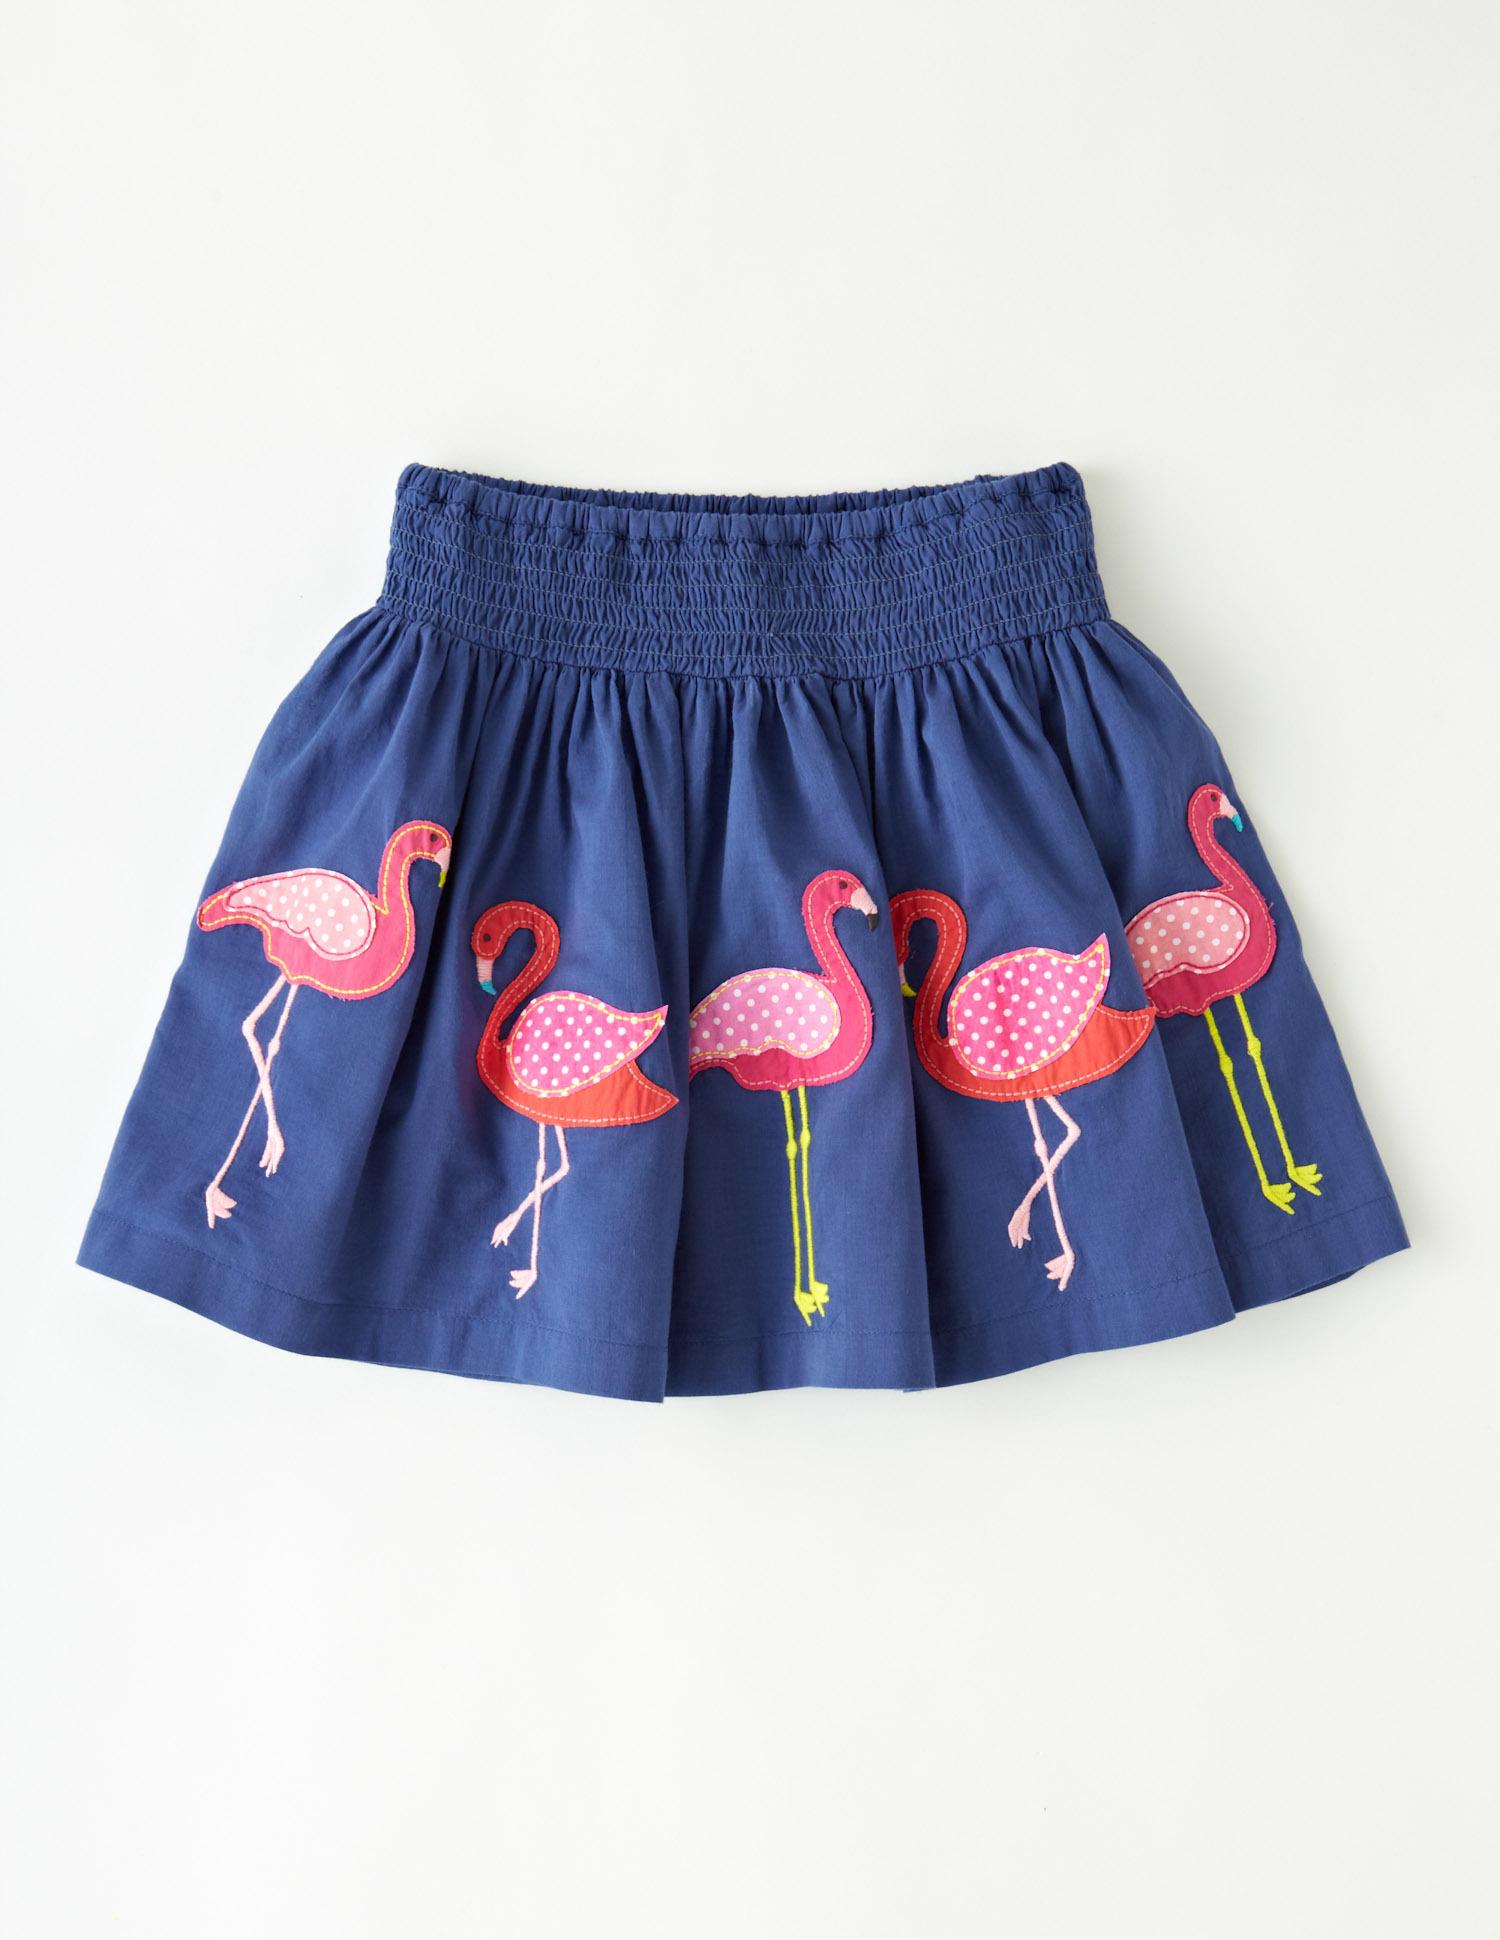 Boden flamingo skirt